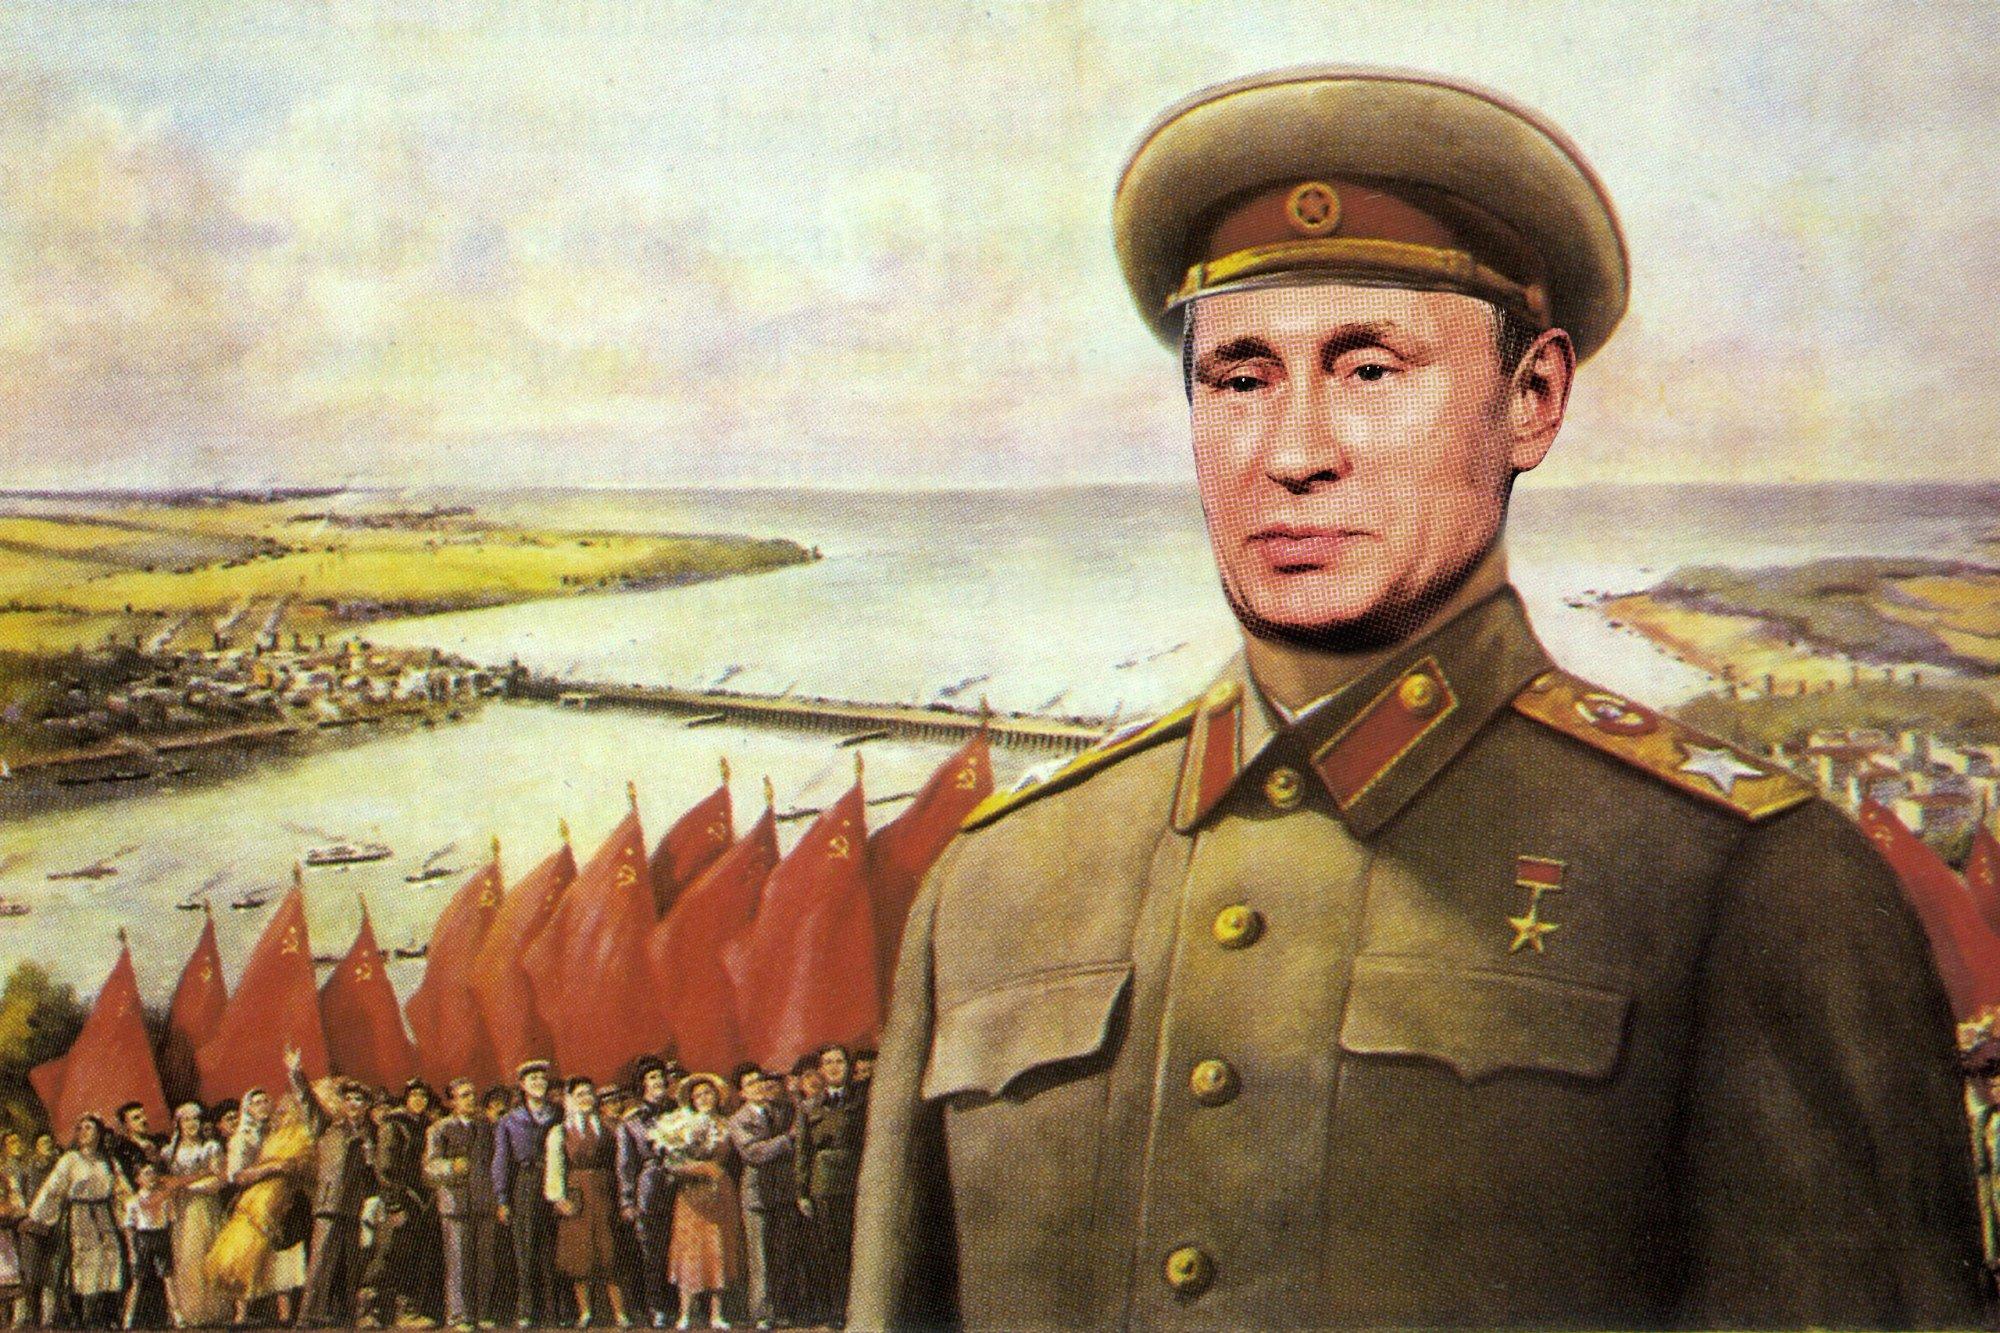 Ще раз про дослідження про вплив російської пропаганди. Відповідь на критику